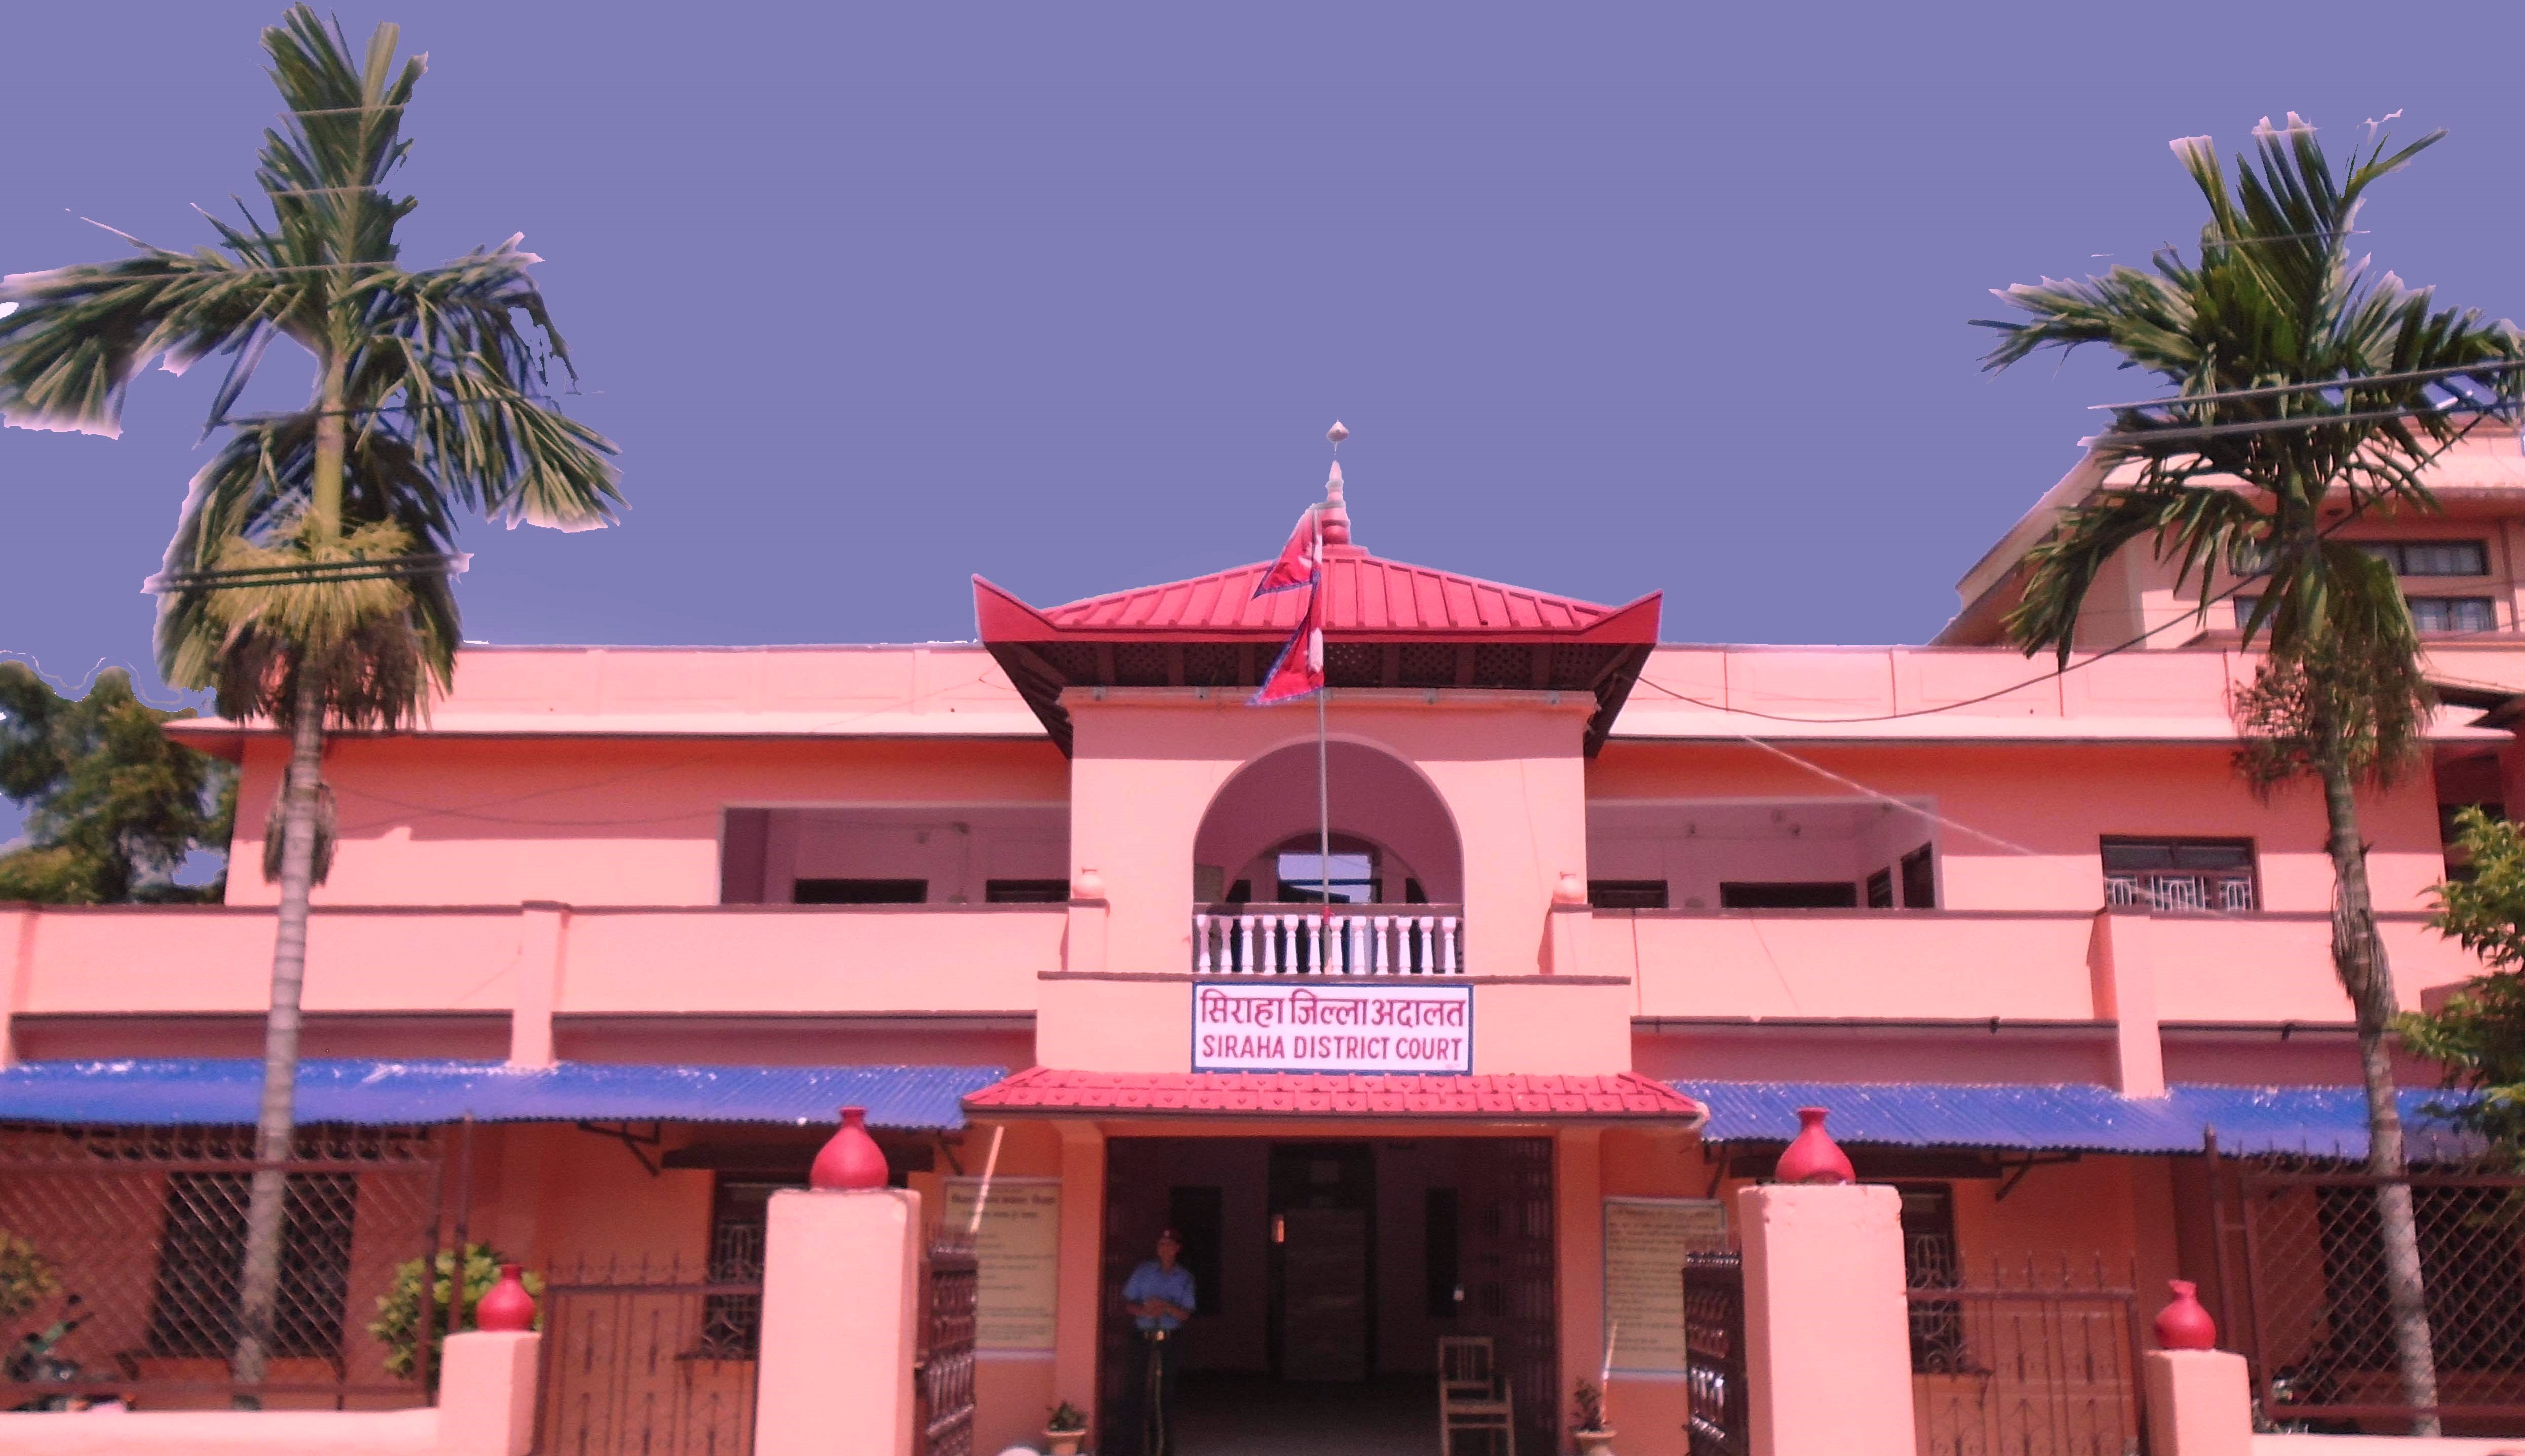 Siraha District Court